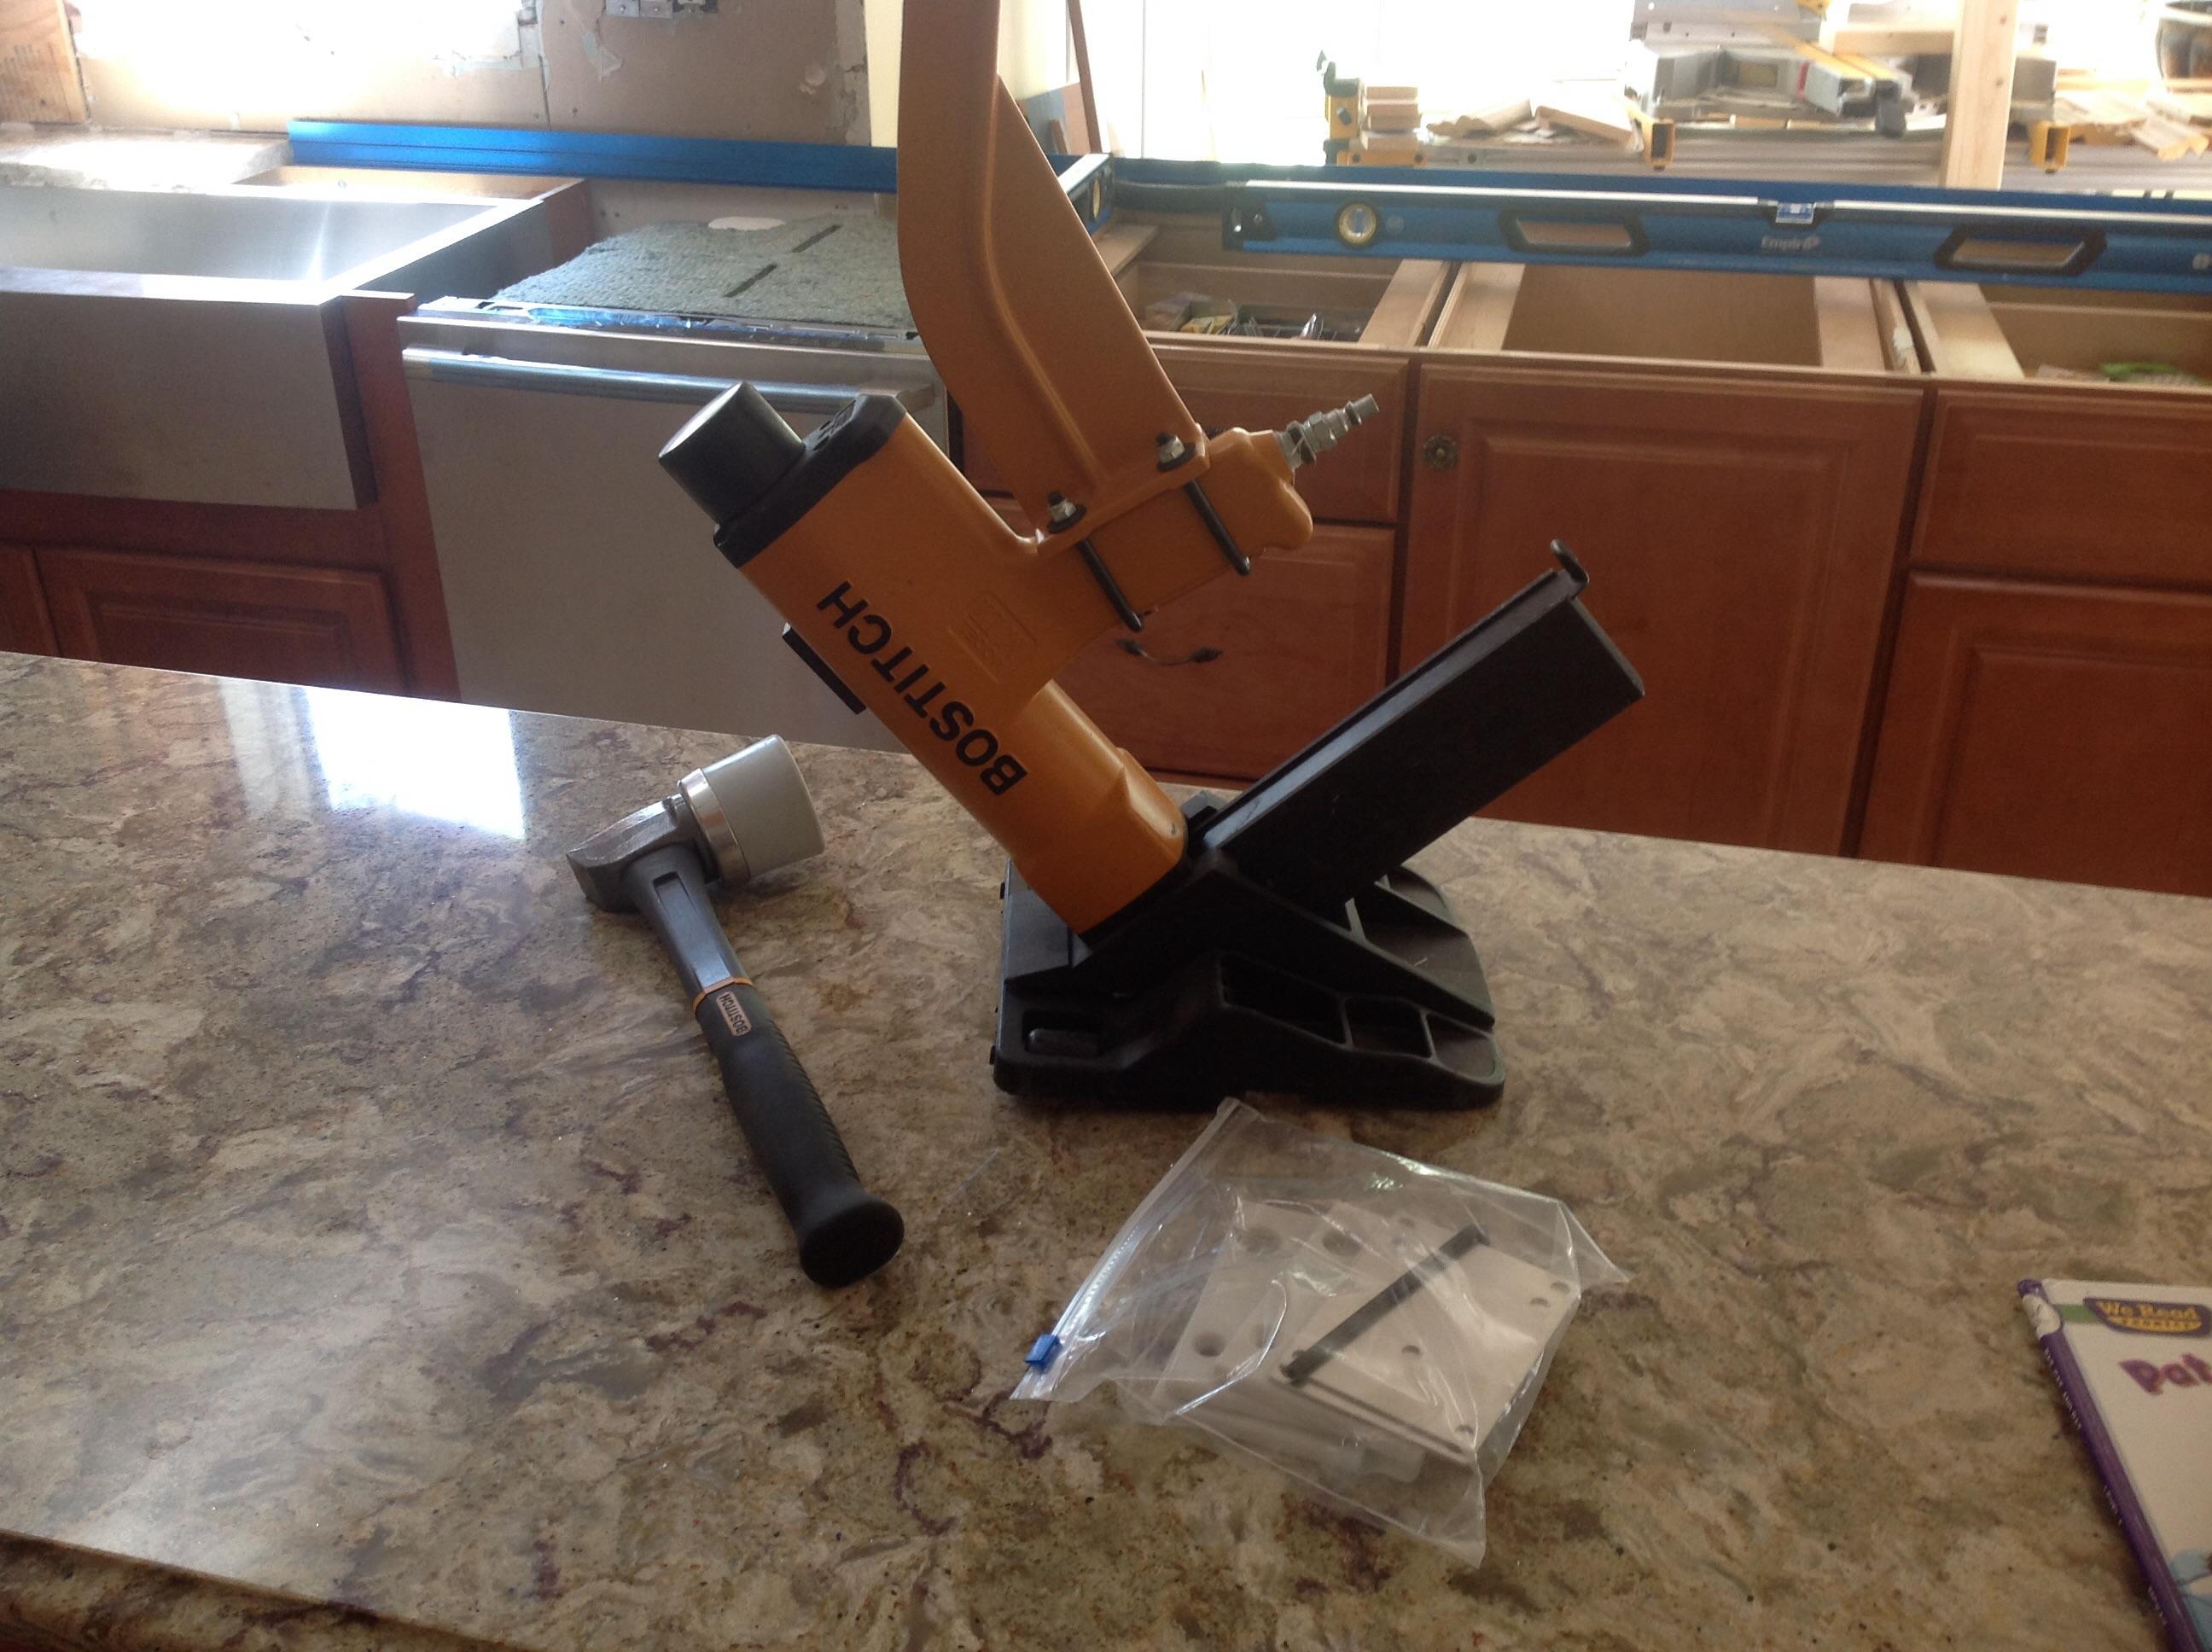 Bostich stapler not sinking staples-image.jpg